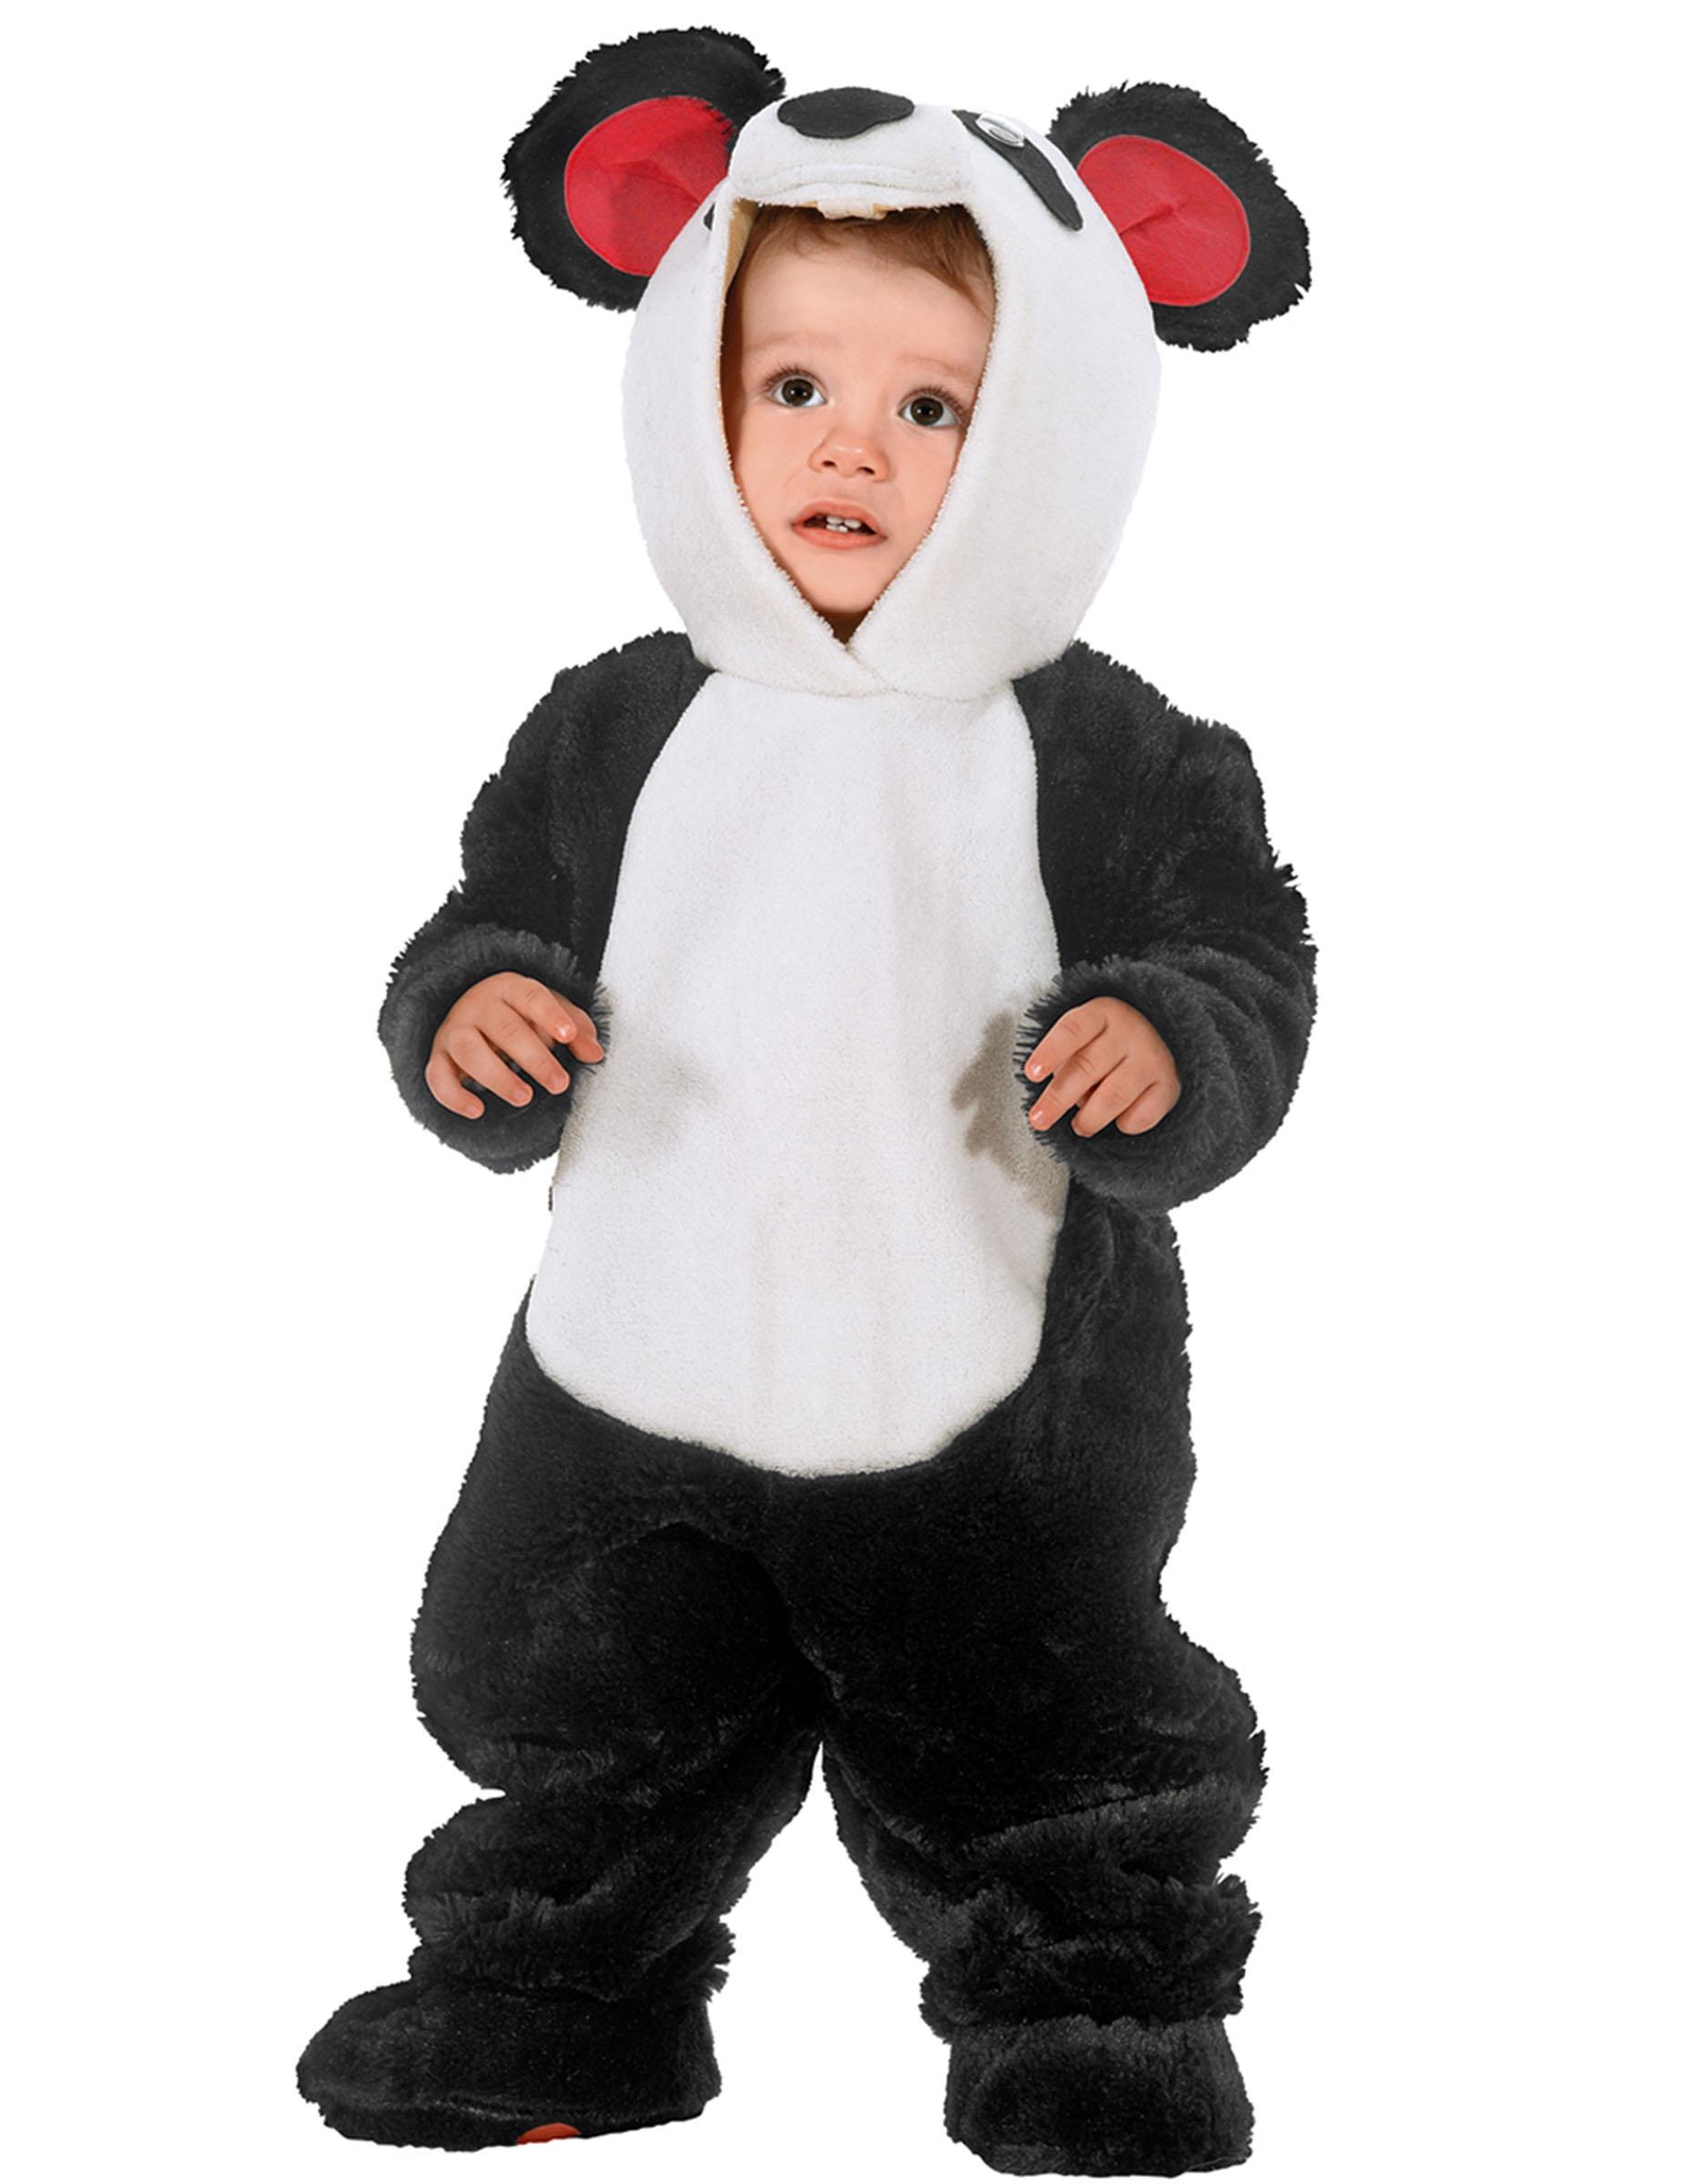 7254219e4833 Costume da panda per neonato: Costumi bambini,e vestiti di carnevale online  - Vegaoo